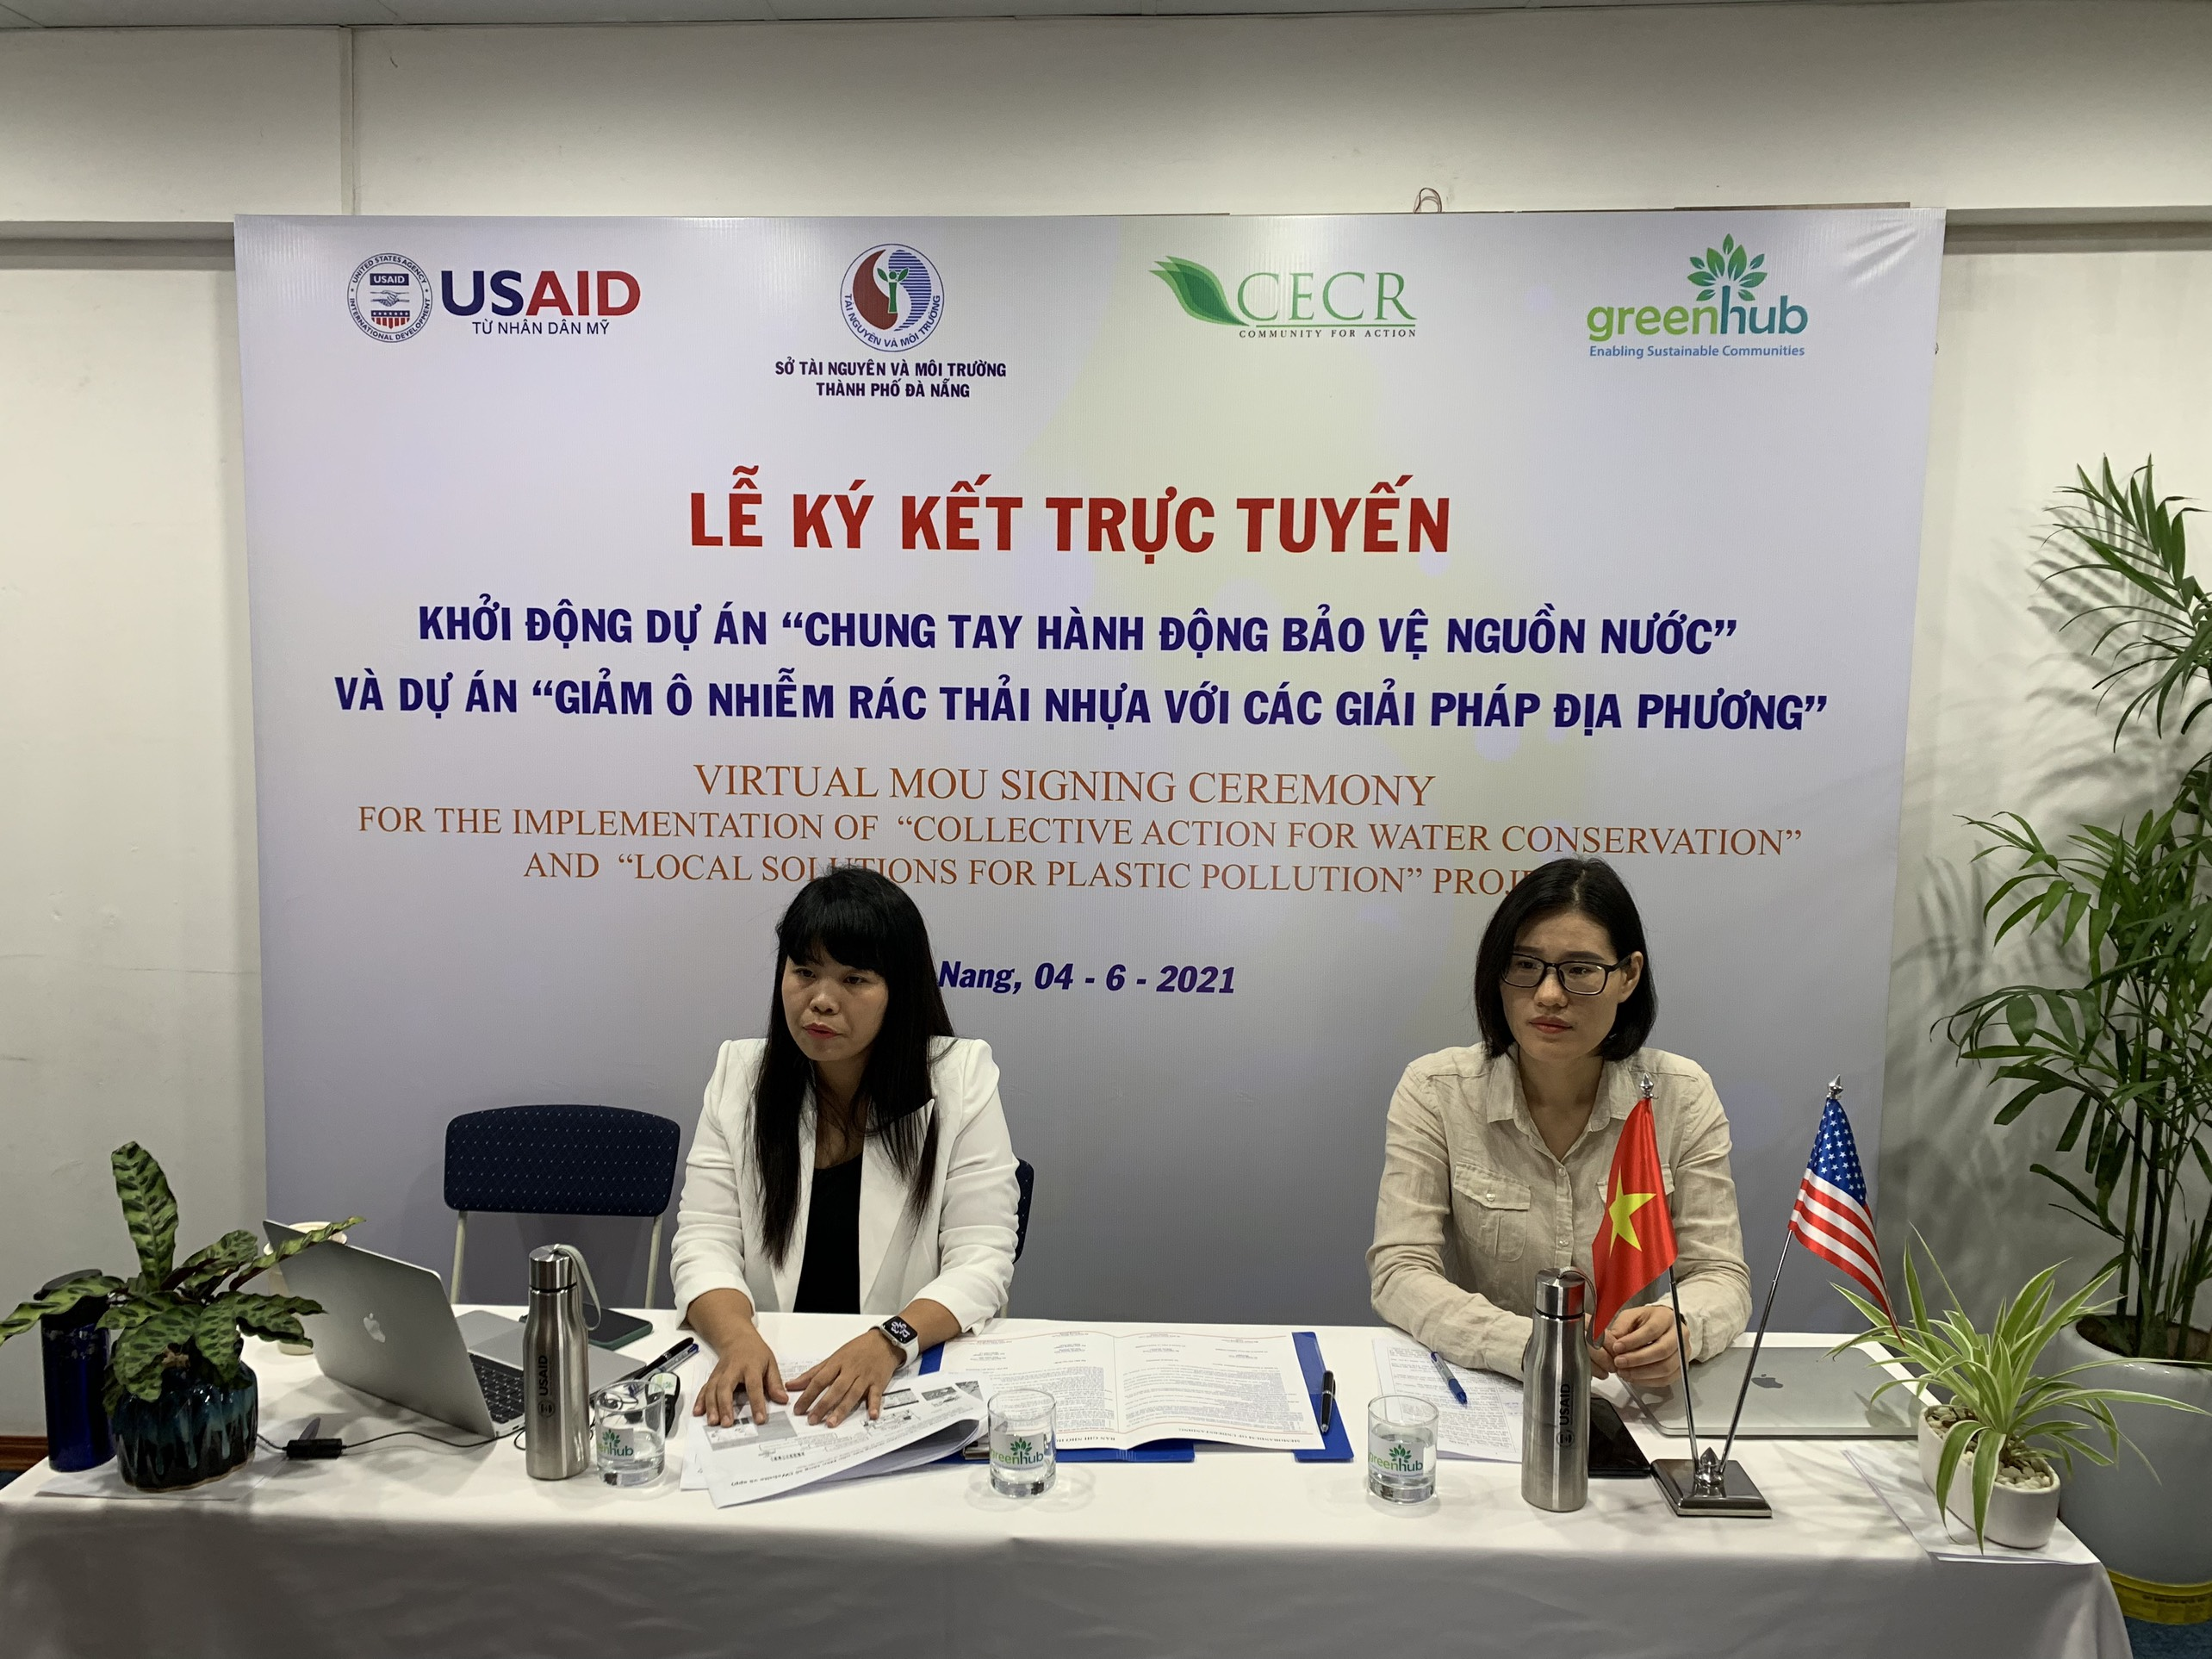 Đà Nẵng: Xây dựng nền tảng số công cộng để giảm ô nhiễm rác thải nhựa